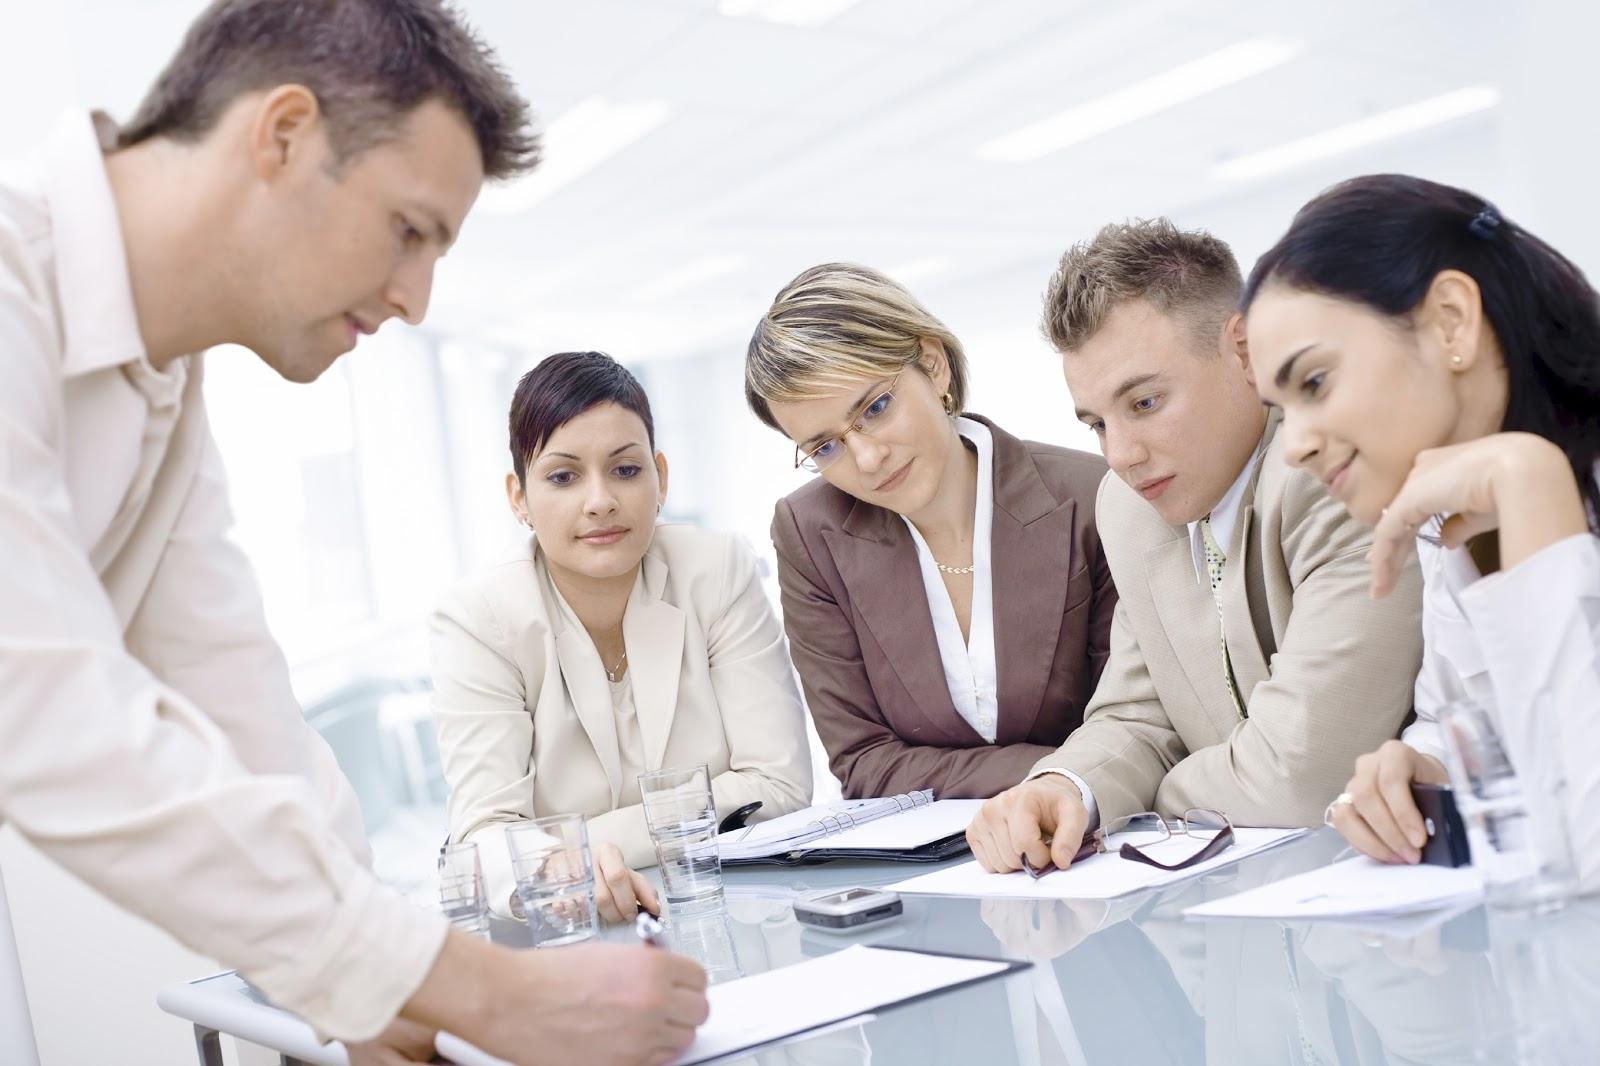 Liderazgo y equipos de trabajo